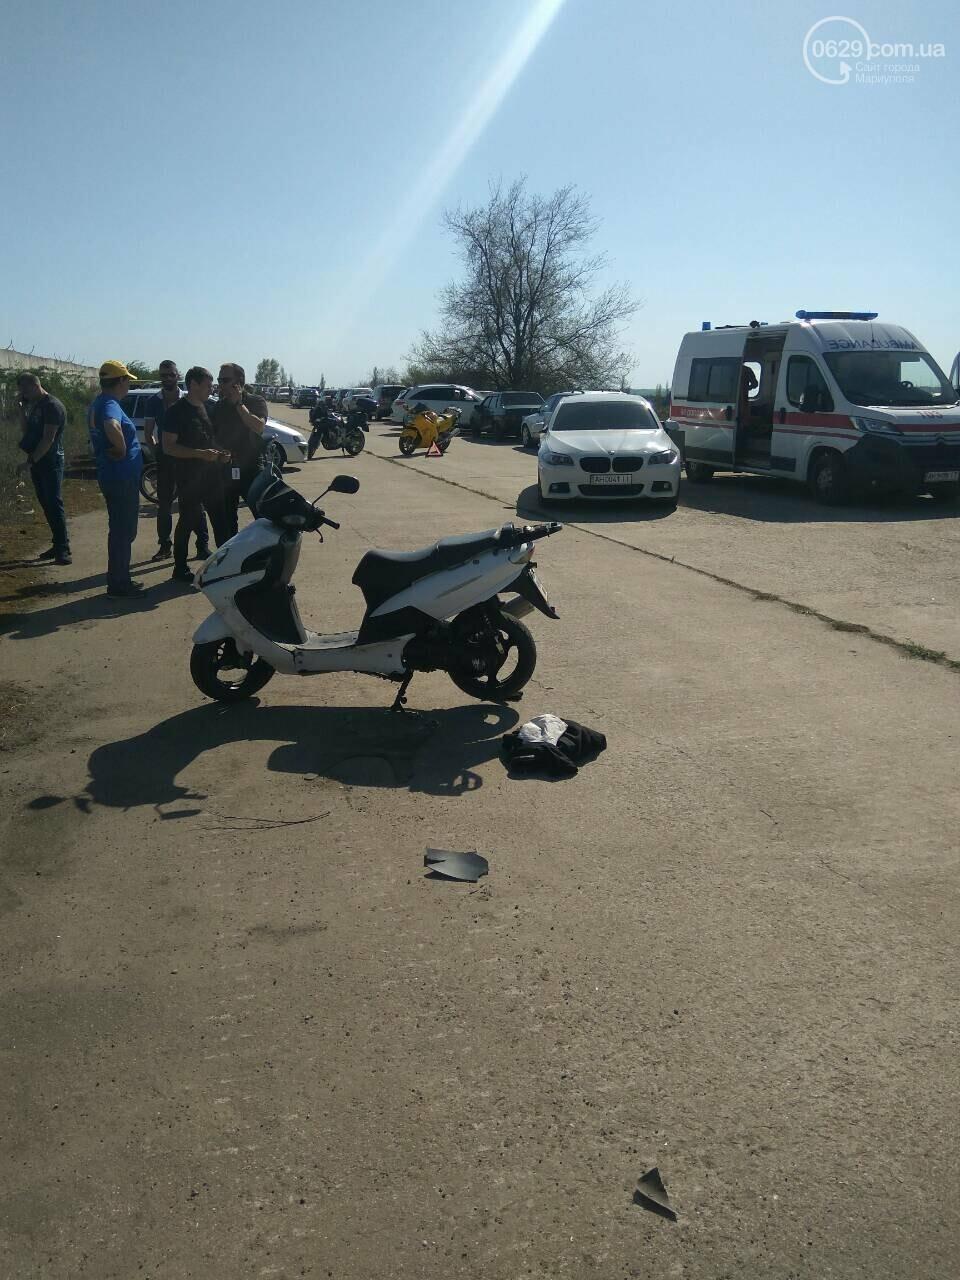 На автогонках под Мариуполем в аварию попал скутерист (Фотофакт), фото-1